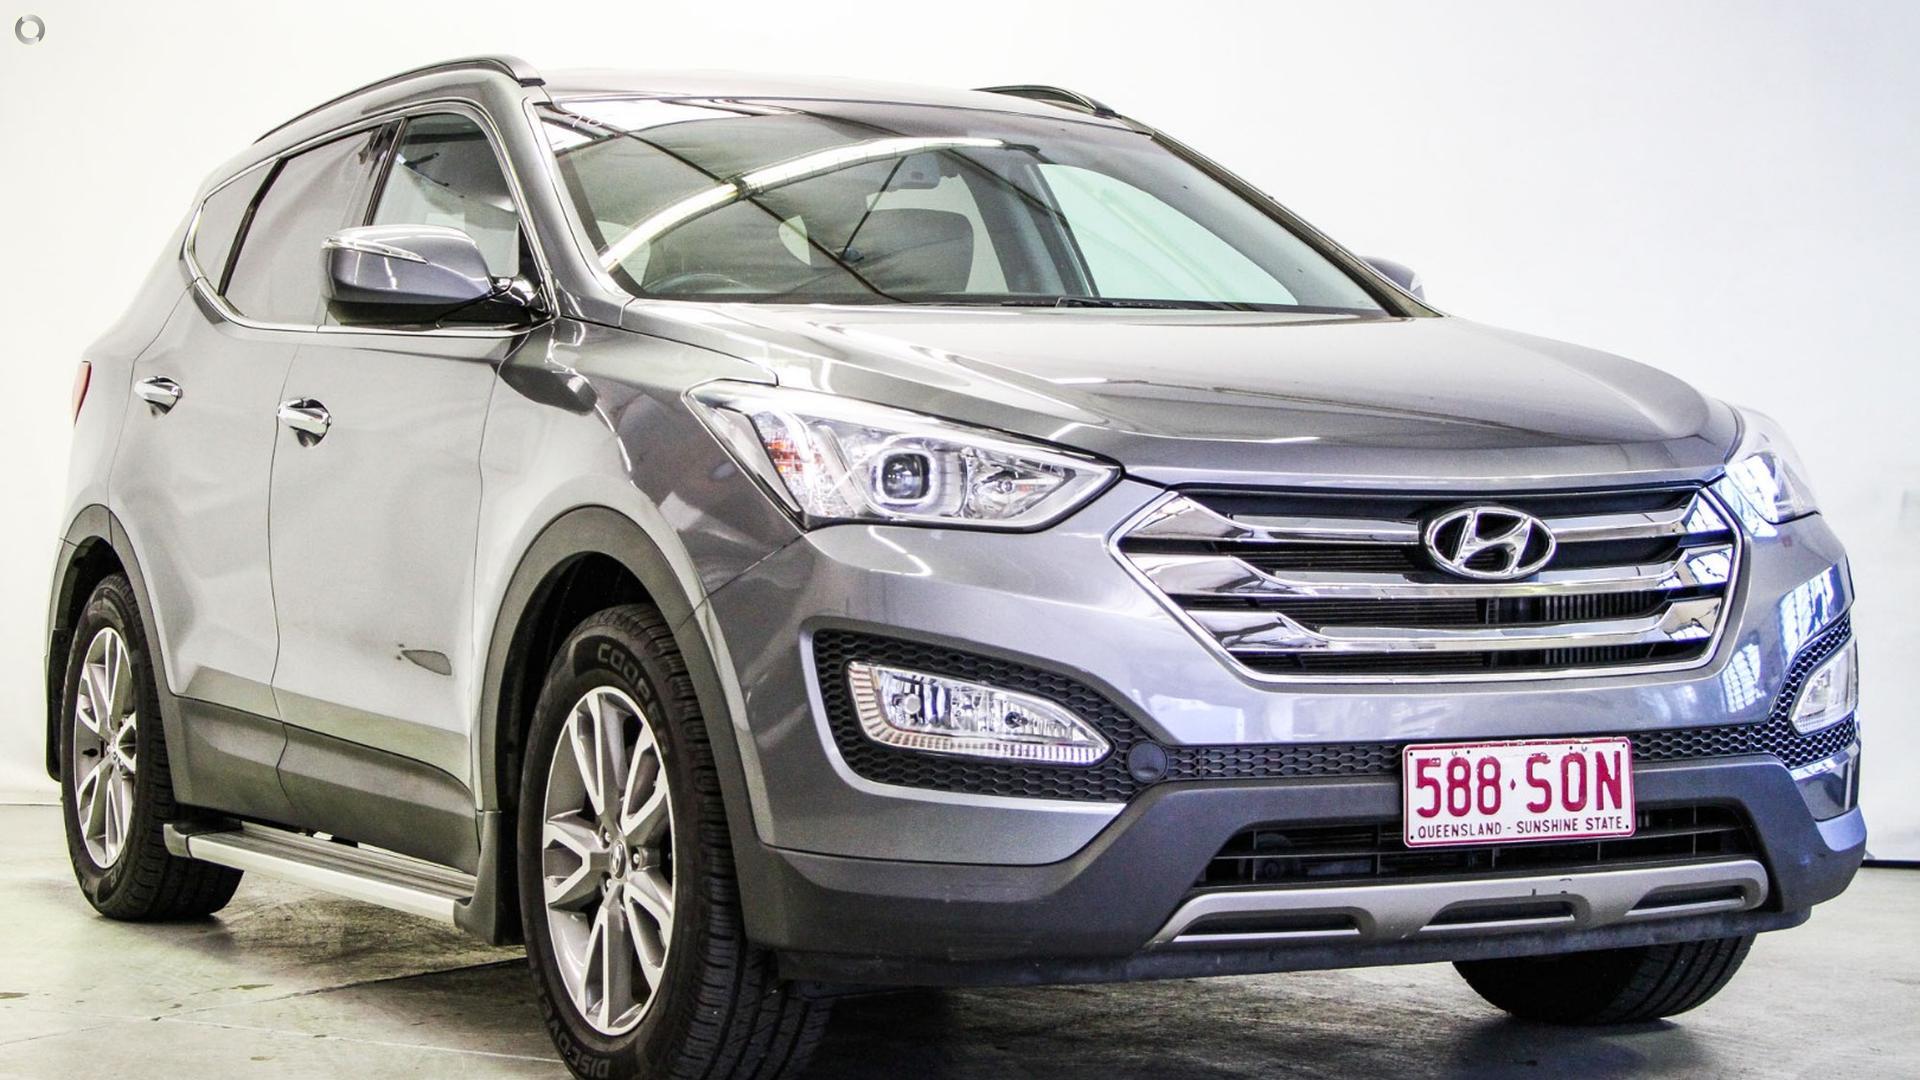 2012 Hyundai Santa Fe Elite DM